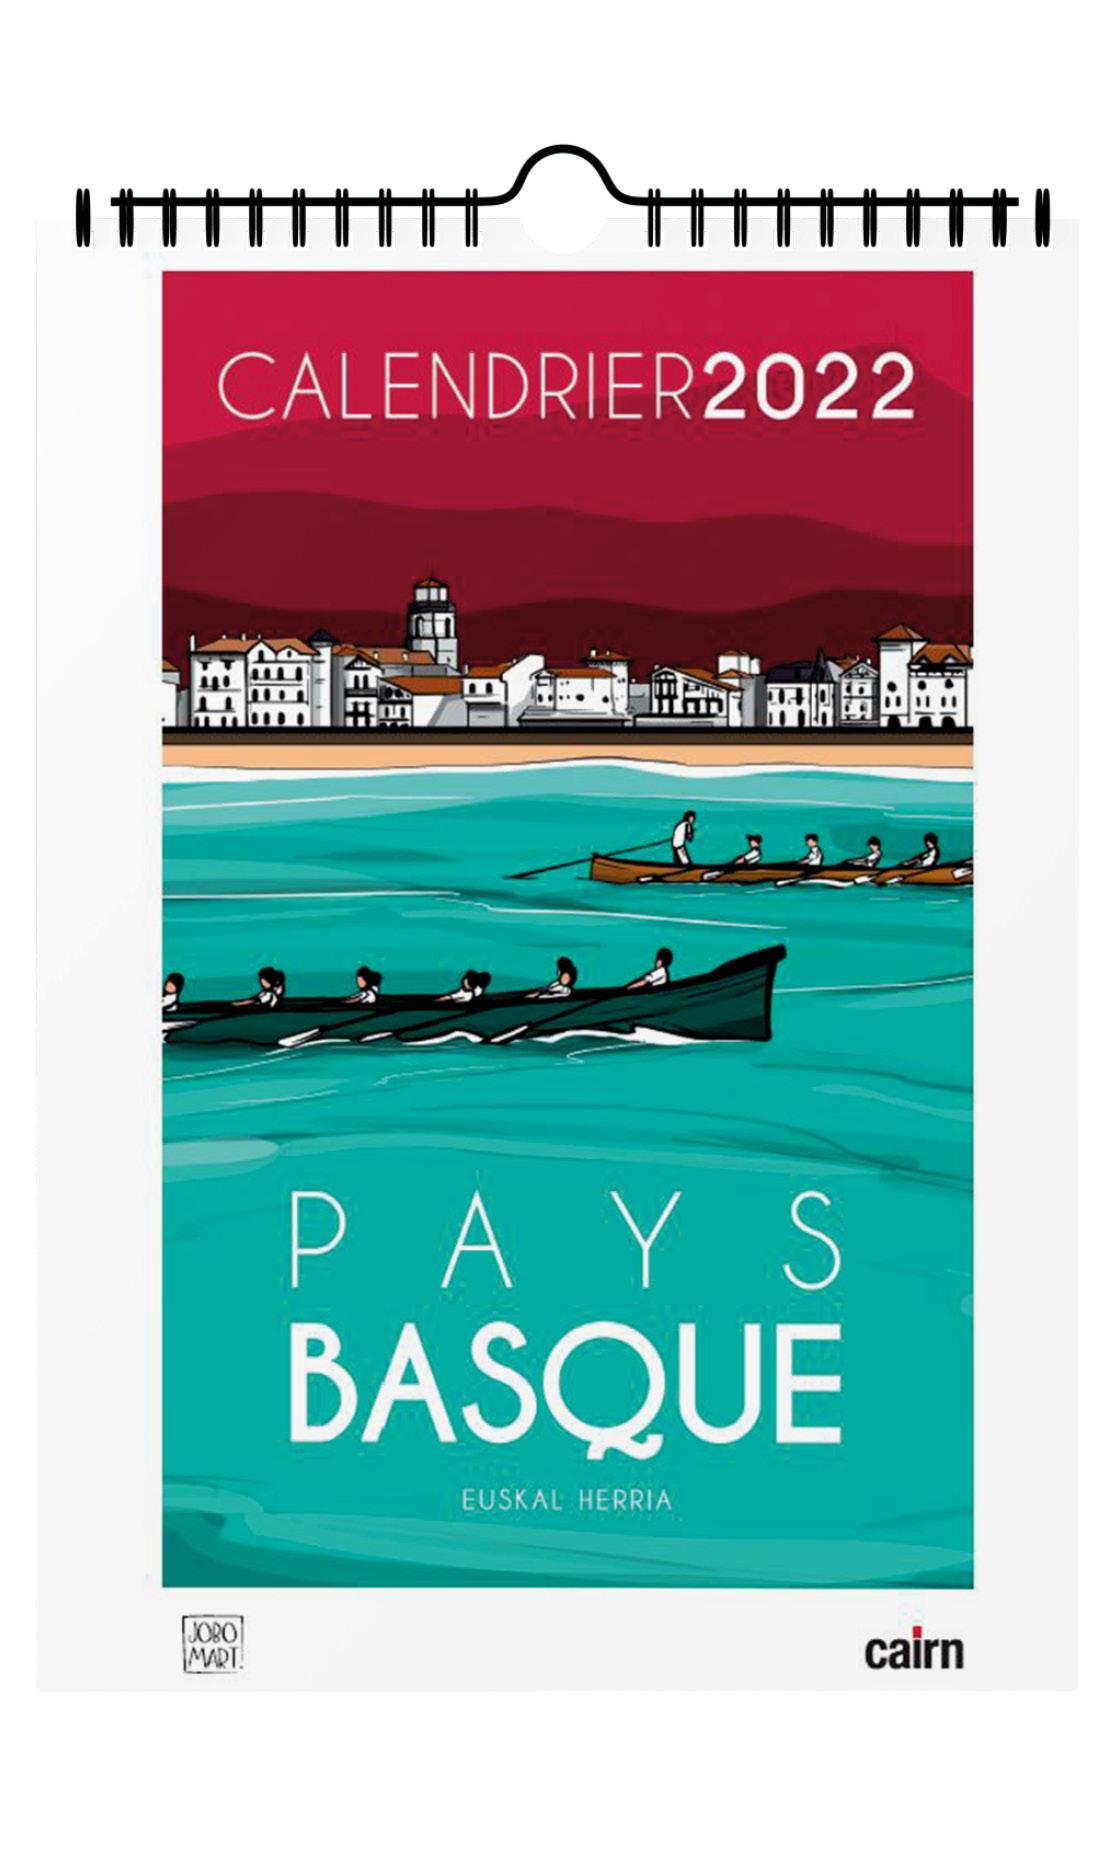 Calendrier Des Payes 2022 Calendrier Pays basque 2022 par Jobomart